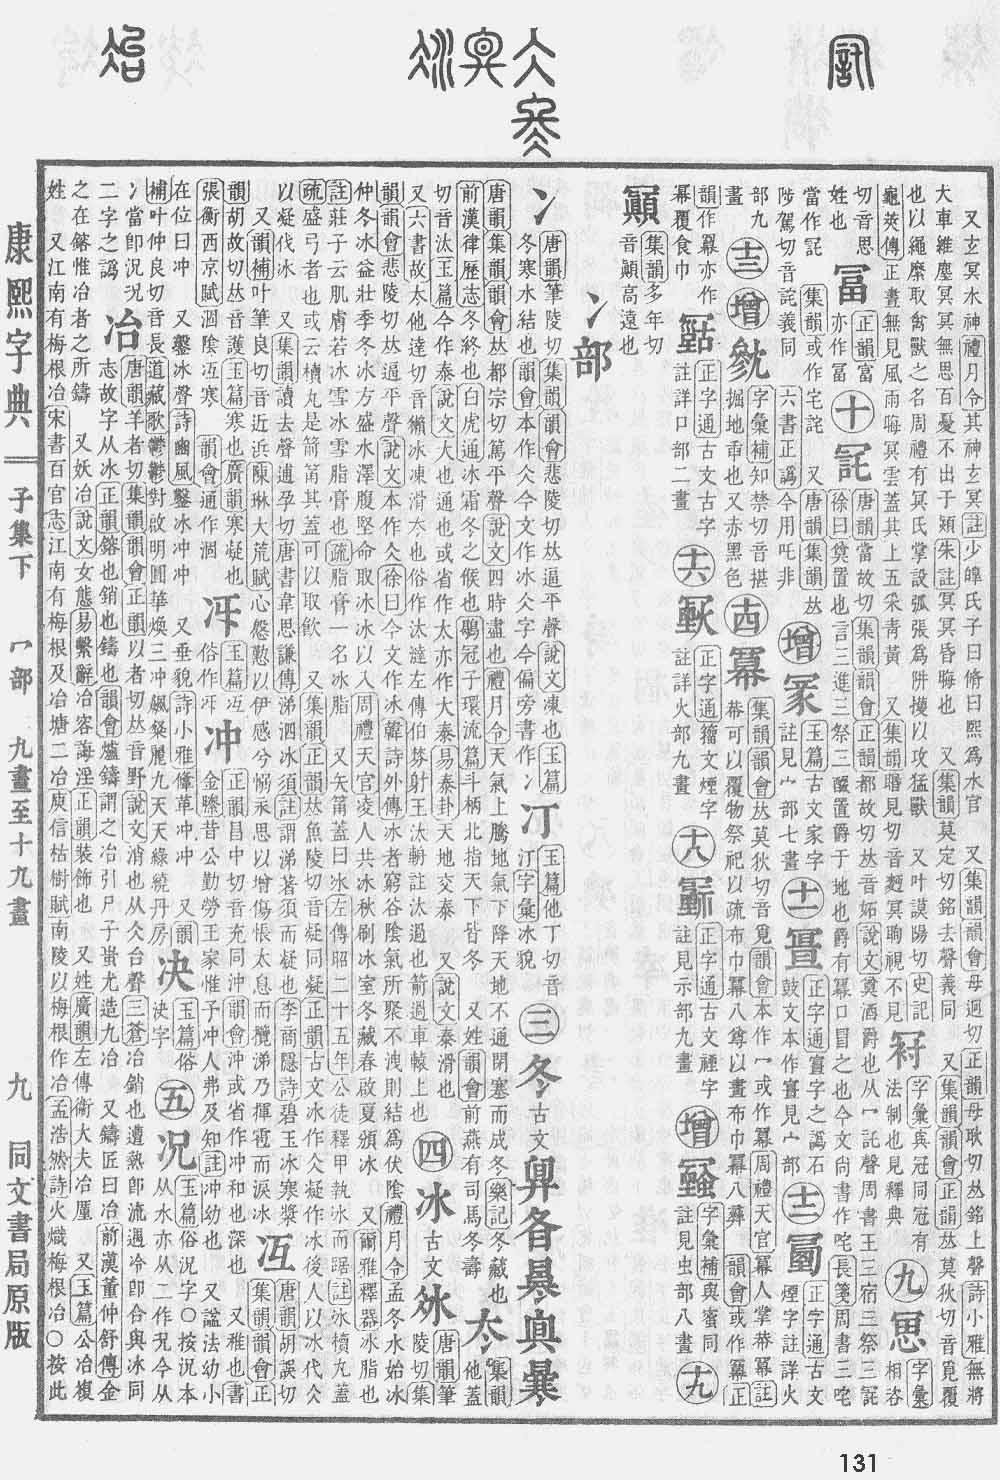 《康熙字典》第131页